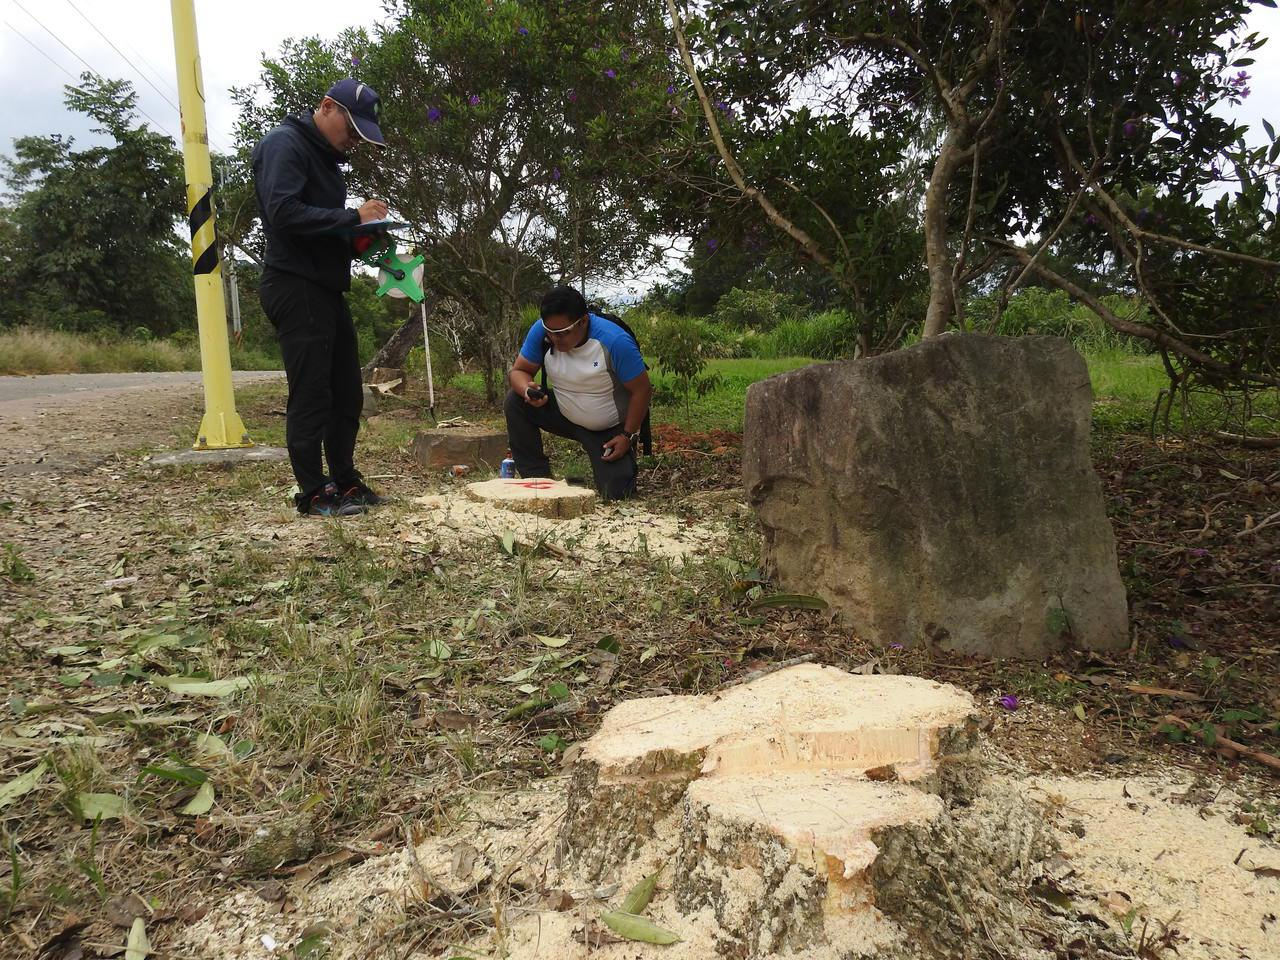 埔里公所疑誤砍南投林管處虎頭山轄內數木,經調查量測後,有8棵黑板樹和1棵榕樹遭砍...